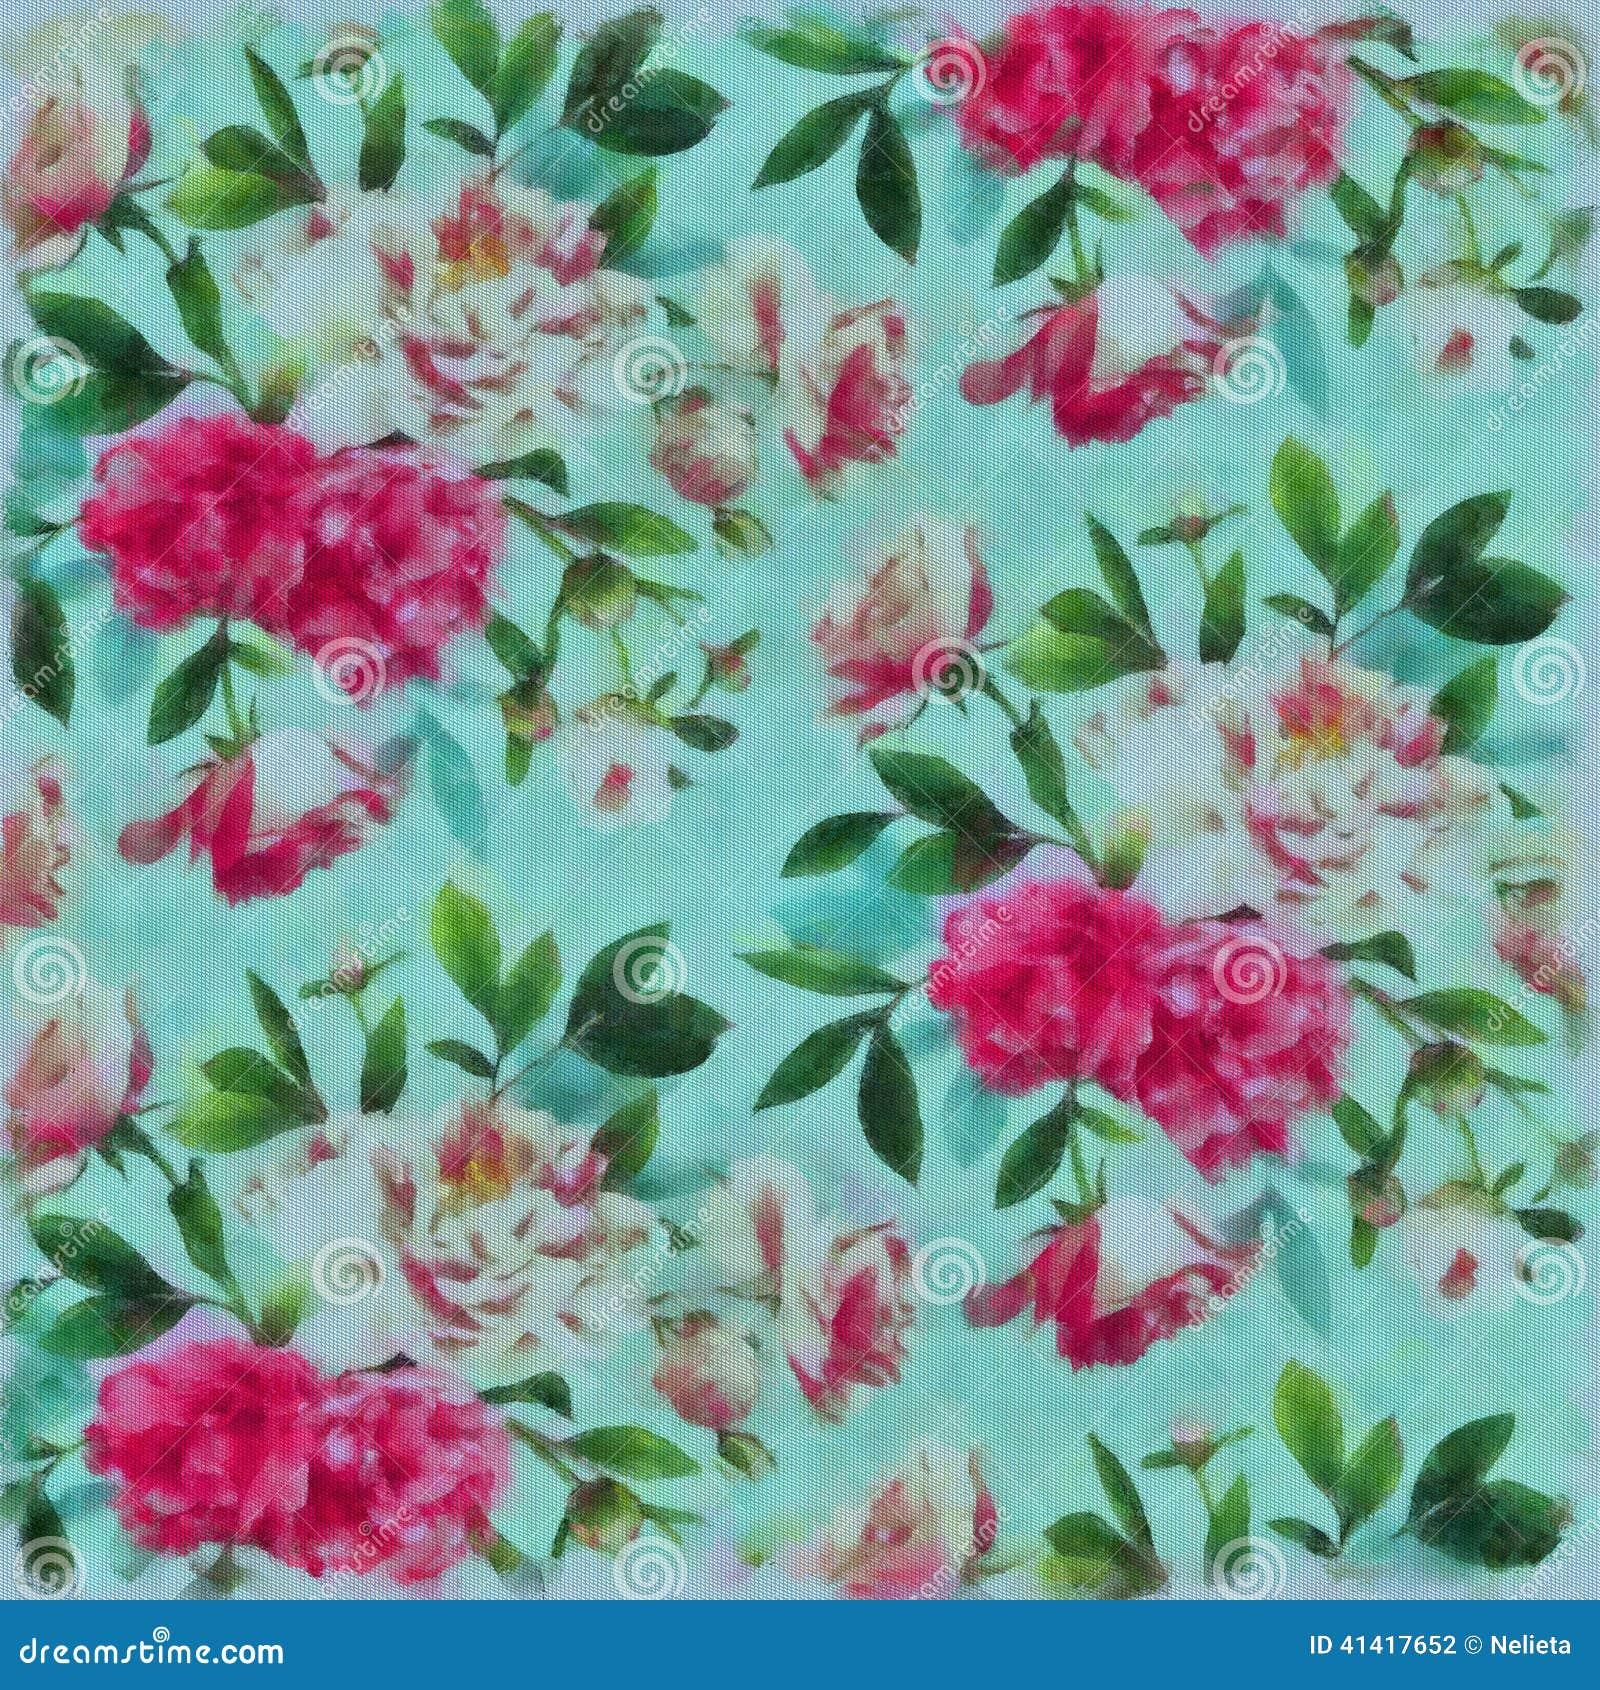 blumen gemalt auf gewebe mit watercolours stockfoto bild von watercolors beschaffenheit 41417652. Black Bedroom Furniture Sets. Home Design Ideas